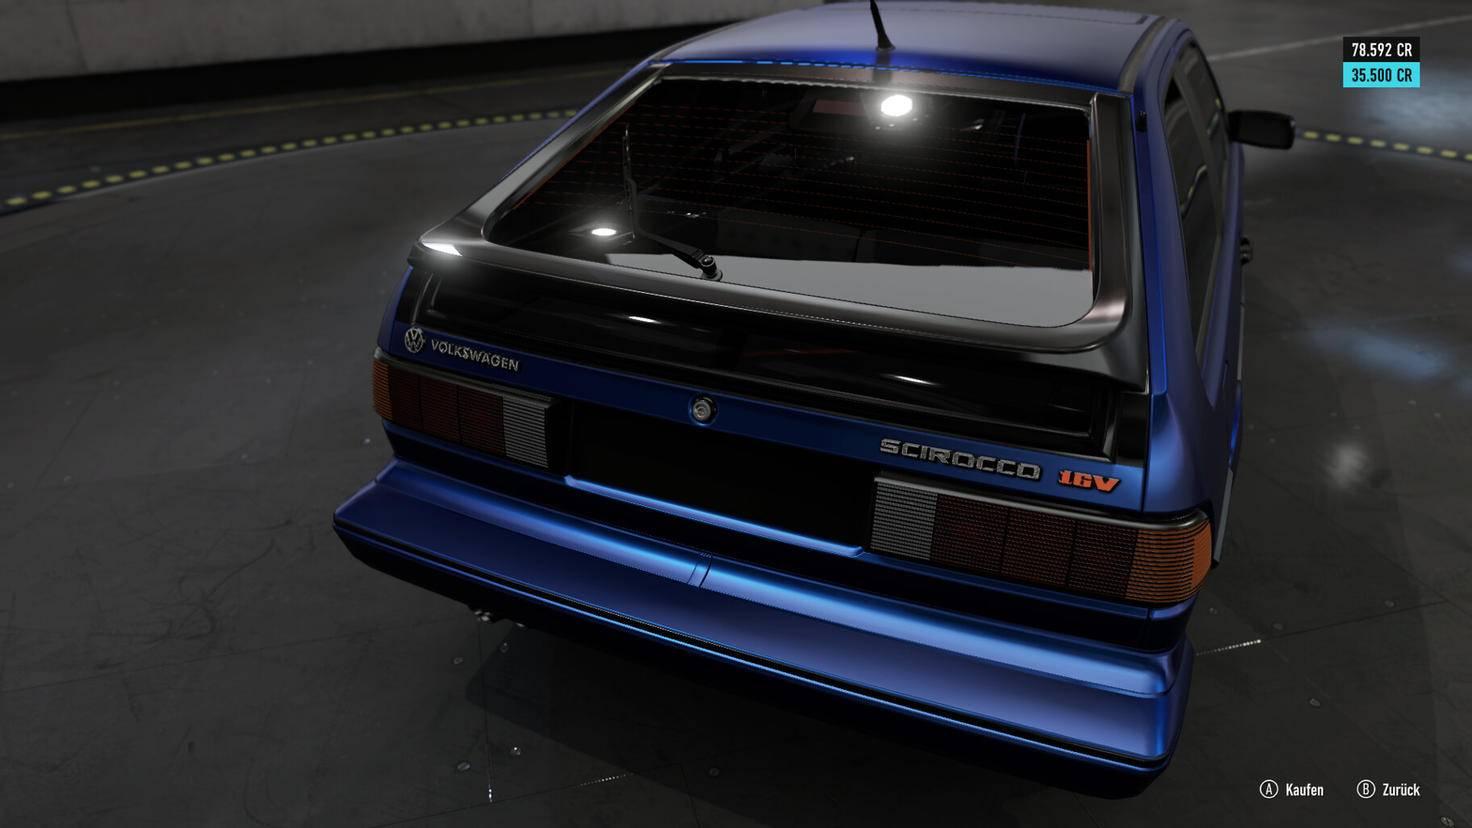 Im Foto-Modus und in der freien Ansicht lassen sich die Details der Wagen bestaunen.